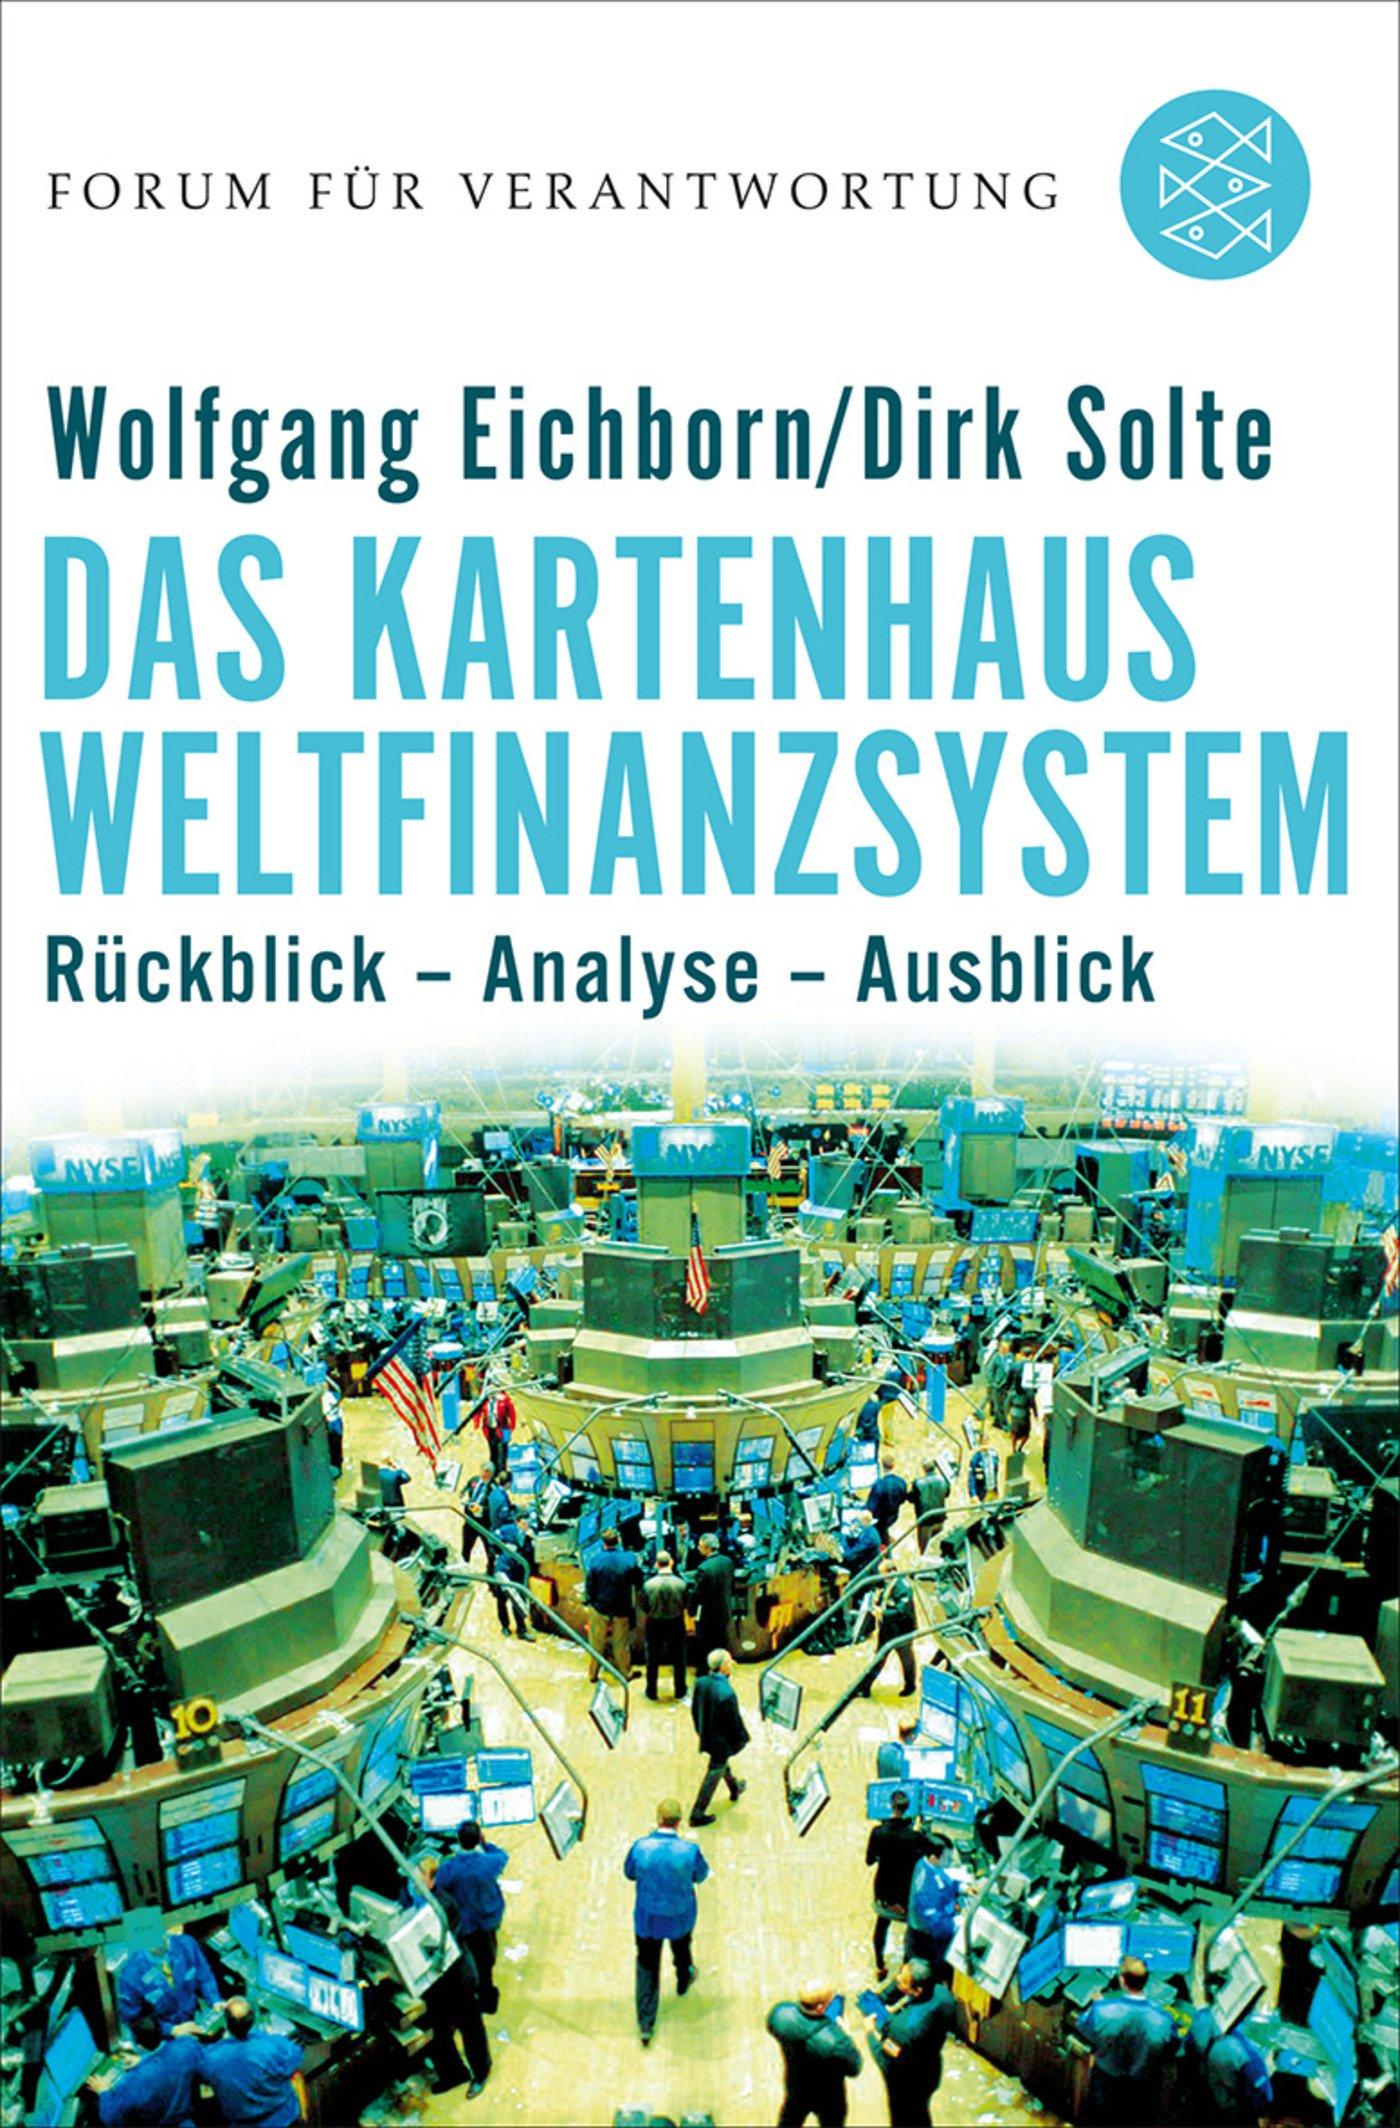 Das Kartenhaus Weltfinanzsystem: Rückblick - Analyse - Ausblick (Forum für Verantwortung)